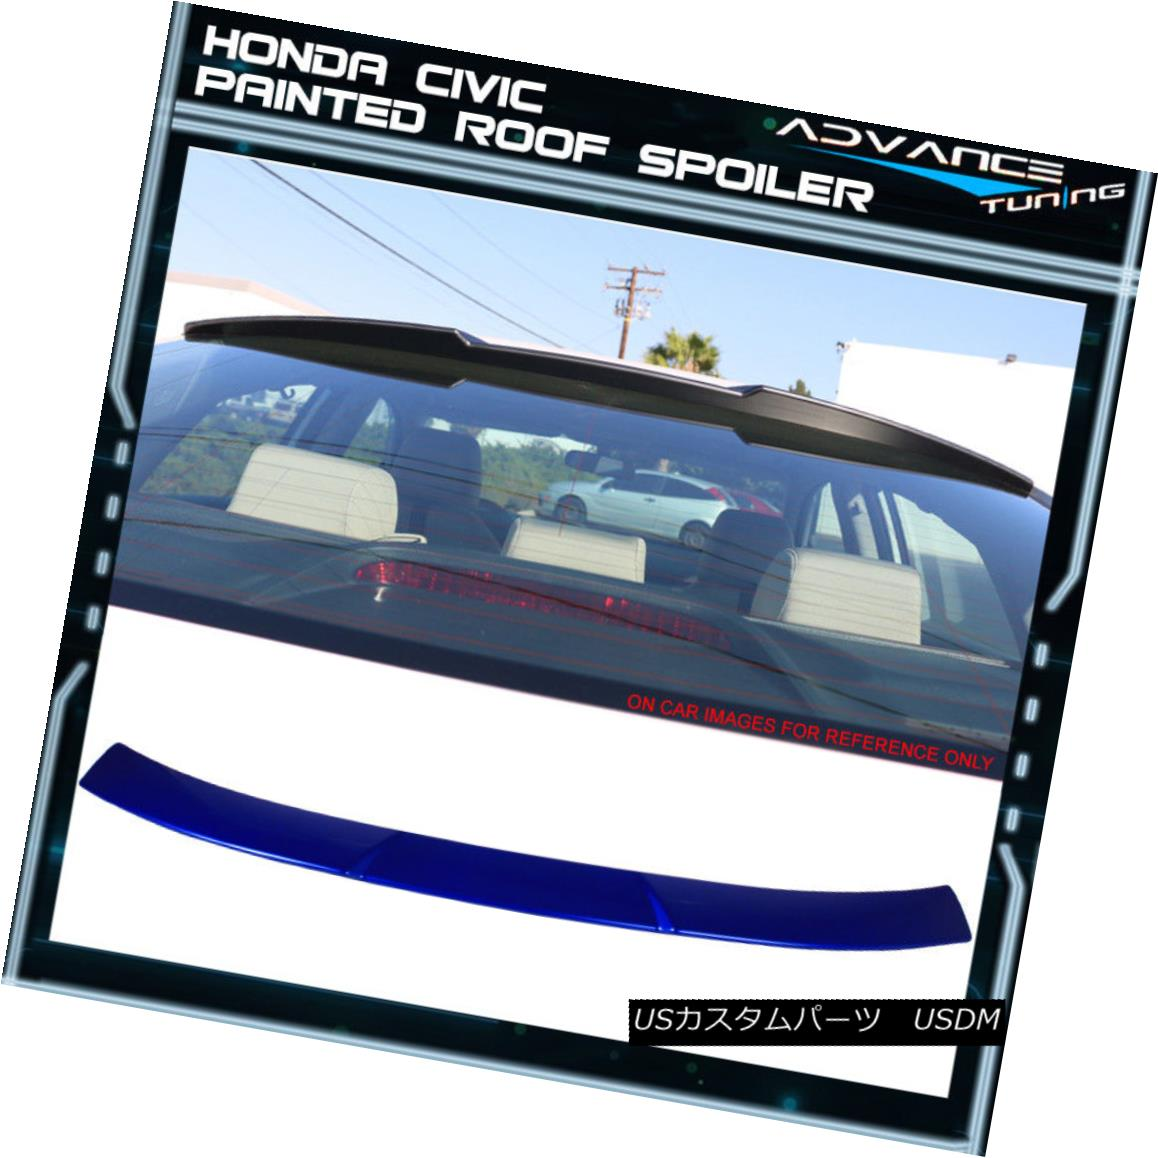 エアロパーツ 16-18 Honda Civic Sedan Roof Spoiler OEM Painted #B593M New Sporty Blue Metallic 16-18ホンダシビックセダンルーフスポイラーOEM塗装#B593Mニュースポーティーブルーメタリック